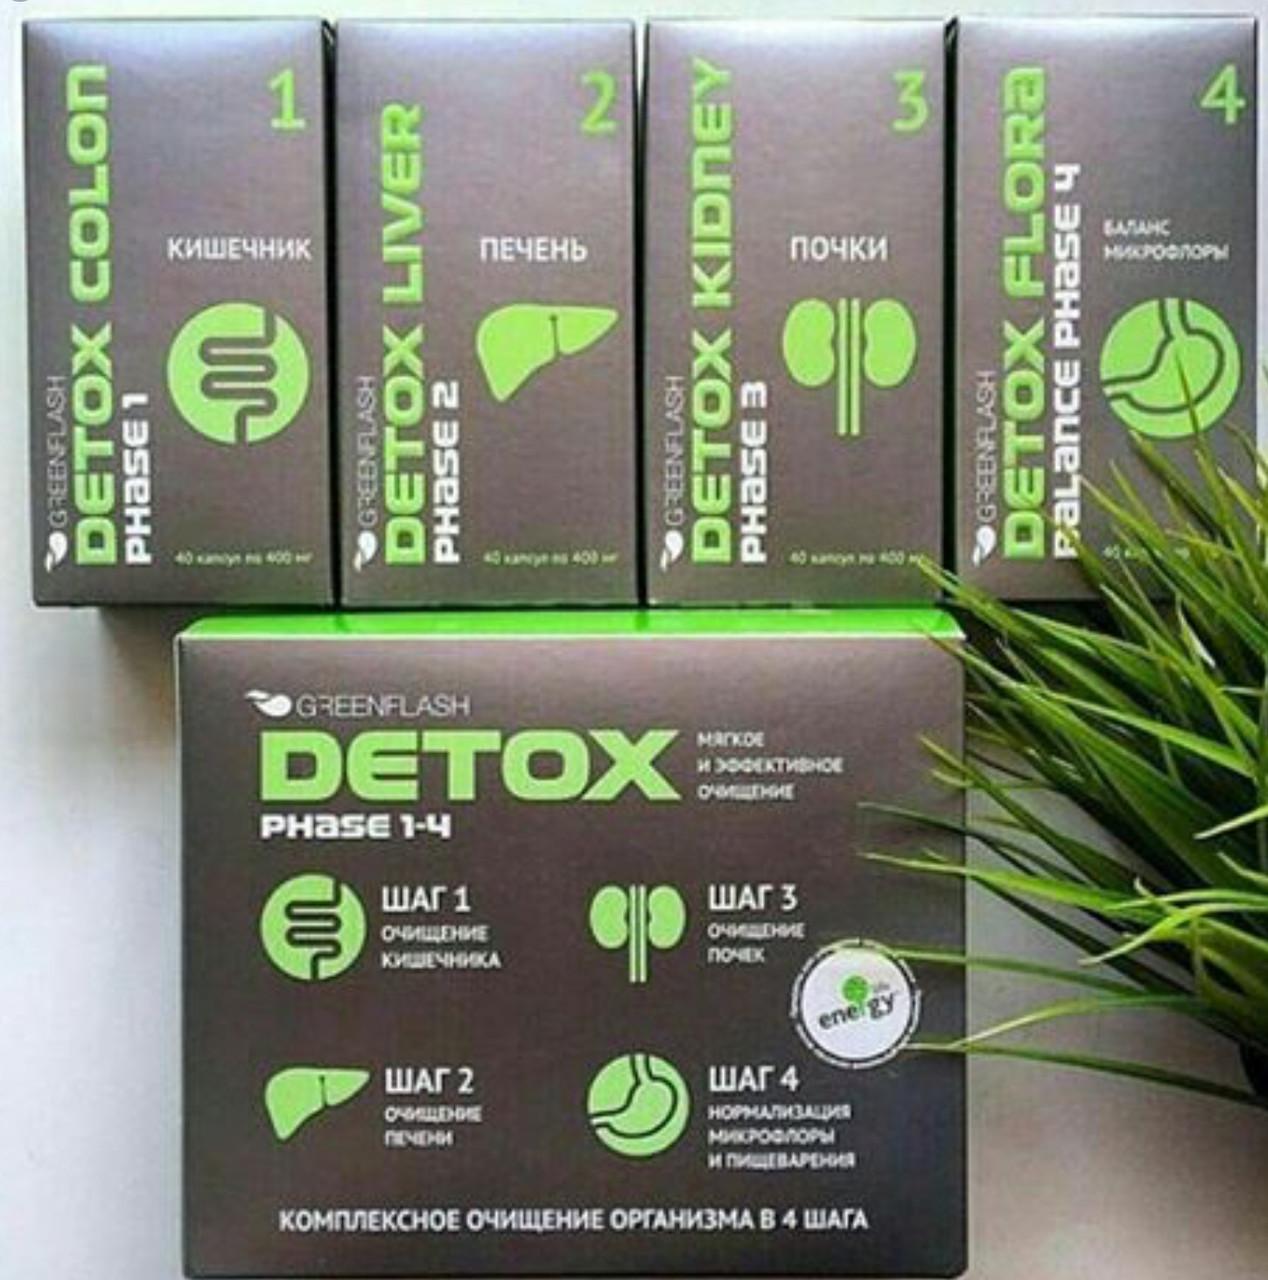 DETOX Программа комплексного  очищения организма детокс 4 шага удаление токсинов шлаков для процесса похудения